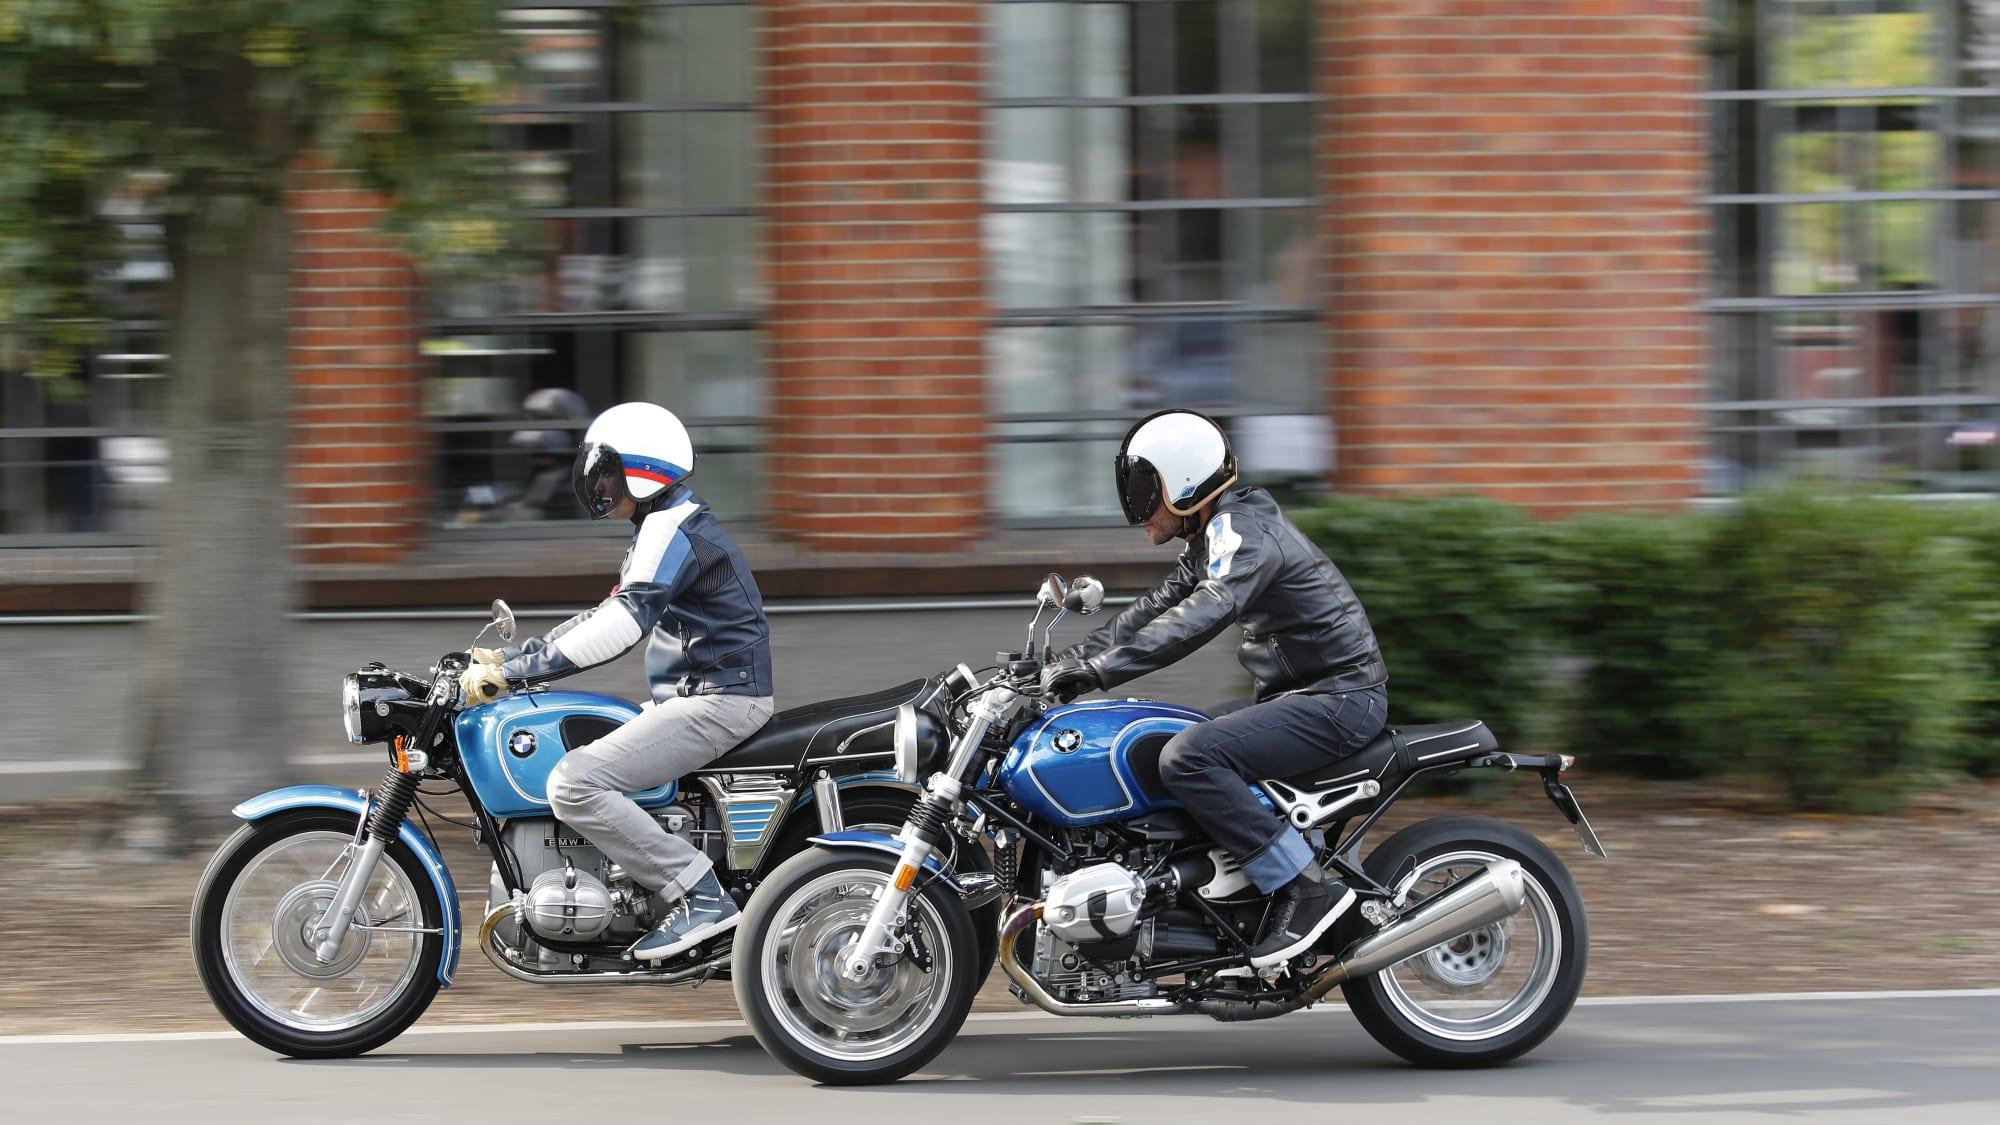 BMW R 75/5 von 1969 und R nineT /5 von 2019